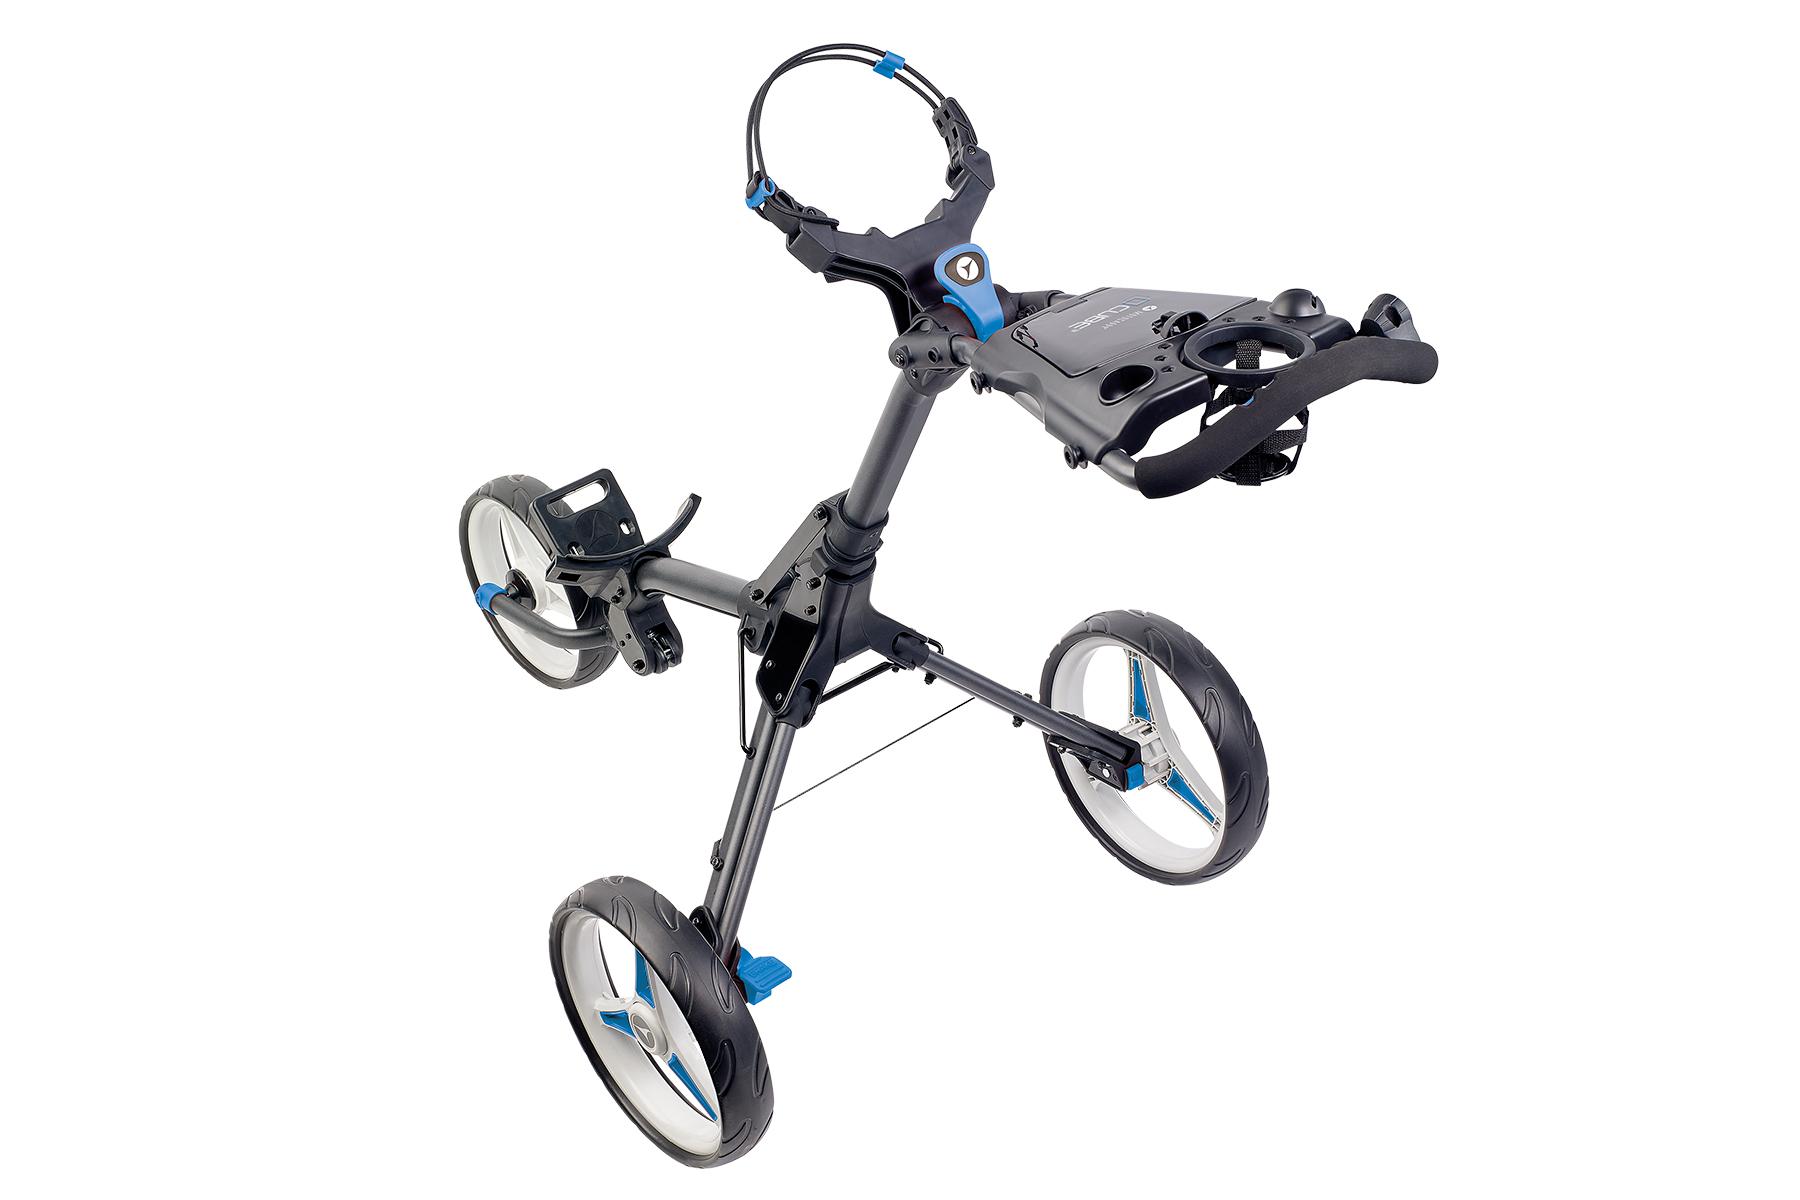 Motocaddy Cube 3 Push Trolley Online Golf